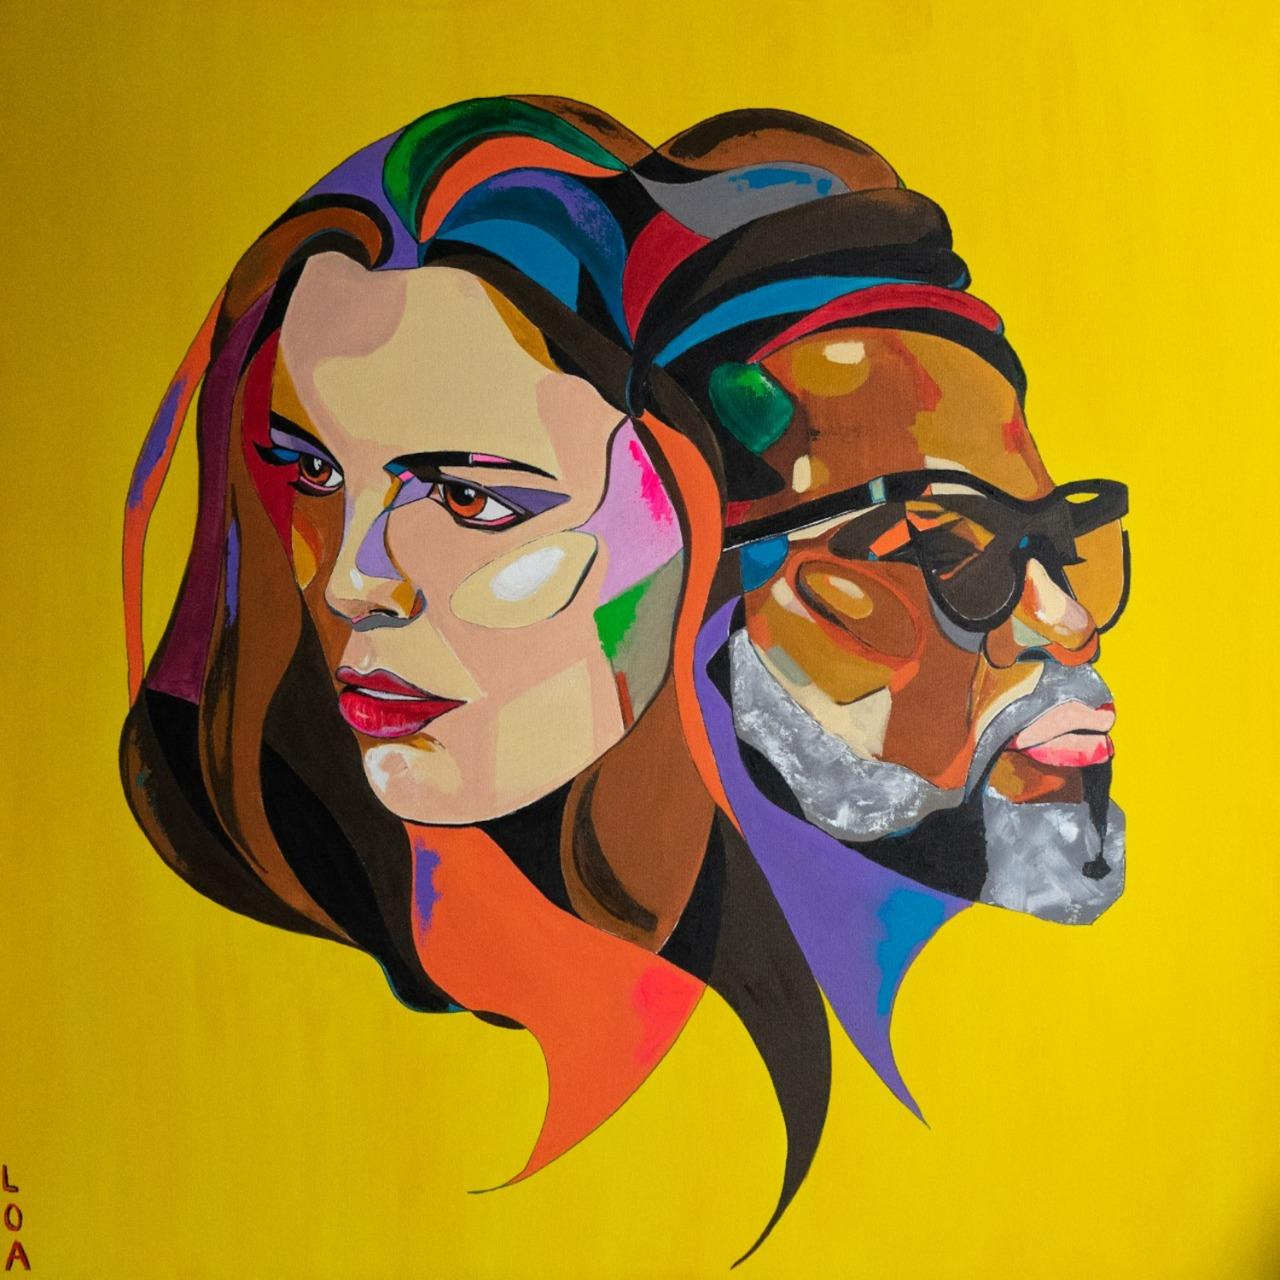 Nanda Garcia e Carlinhos Brown lançam nova versão de 'Amor I Love You'